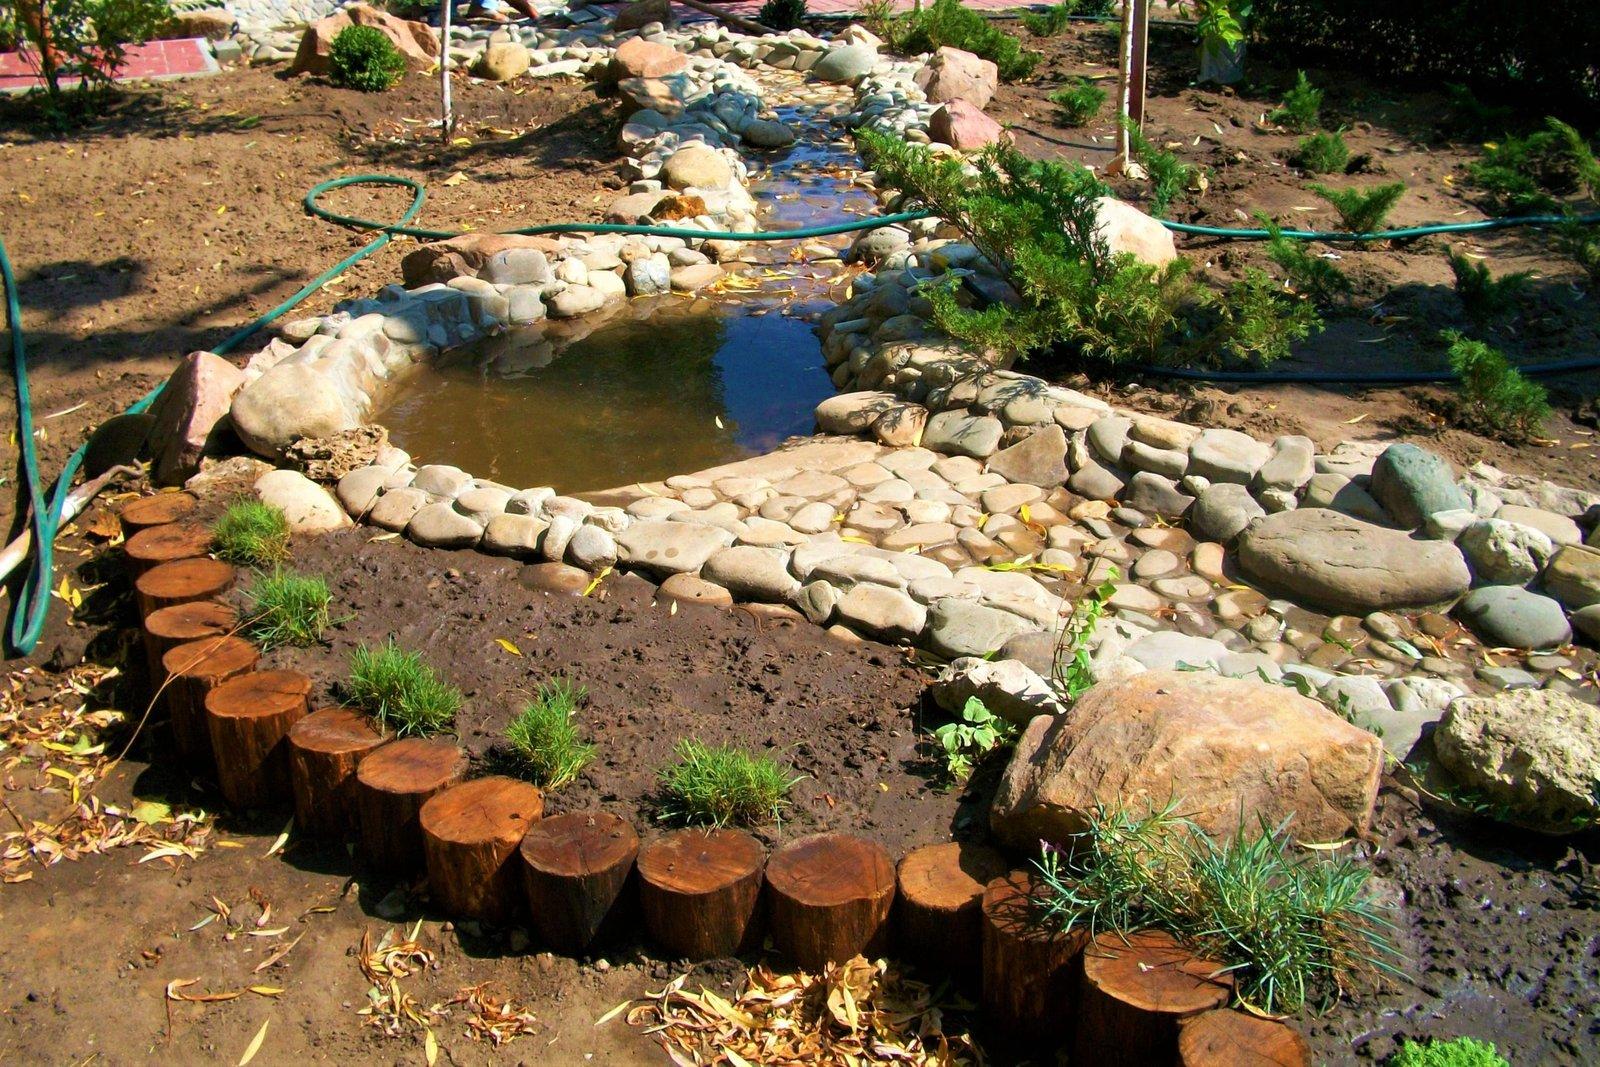 С чего начать создание ручья, как создать ручей, где создать ручей, из чего создать ручей, материалы для ручья